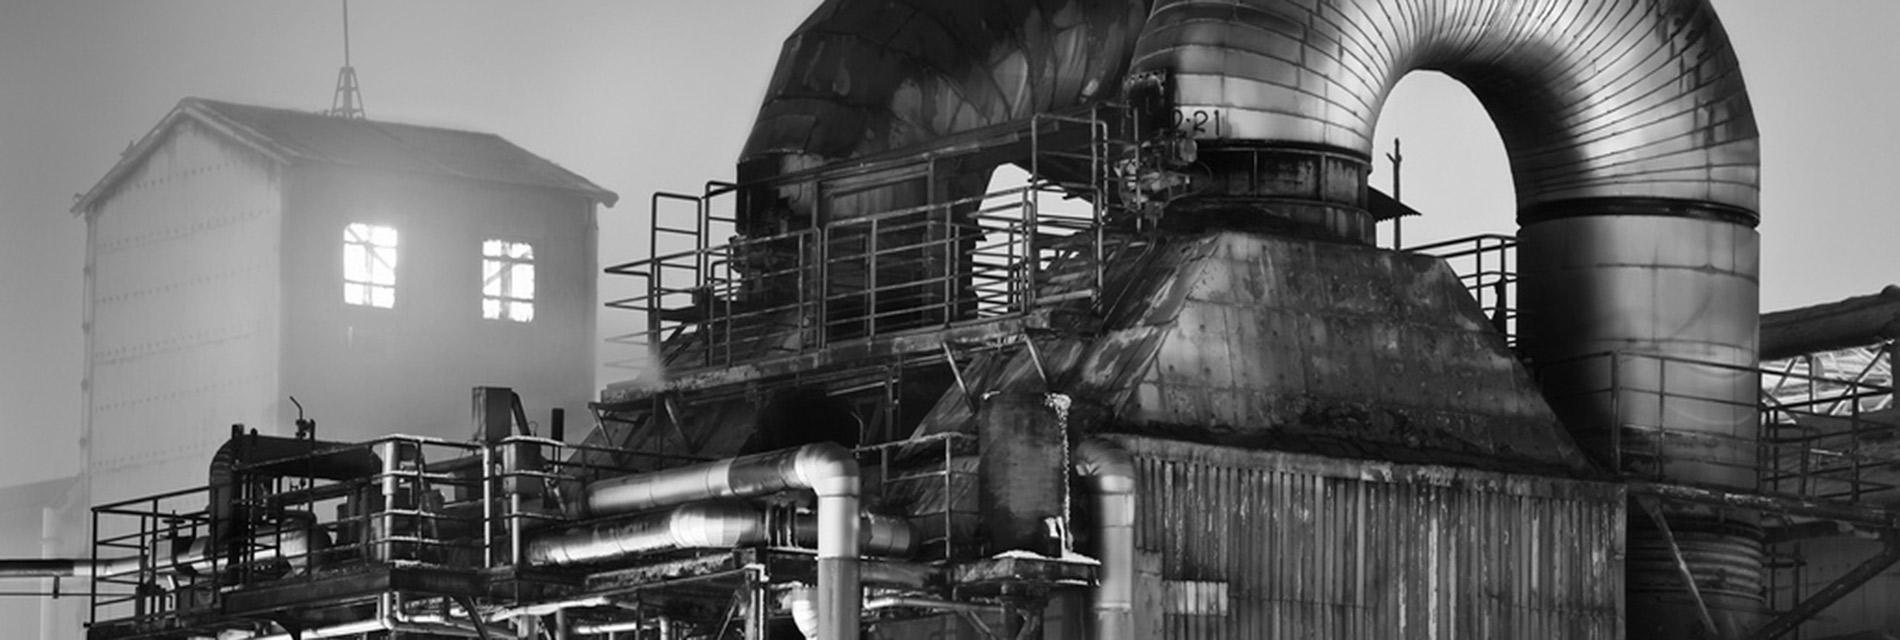 مصنع أسمنت - صورة أرشيفية